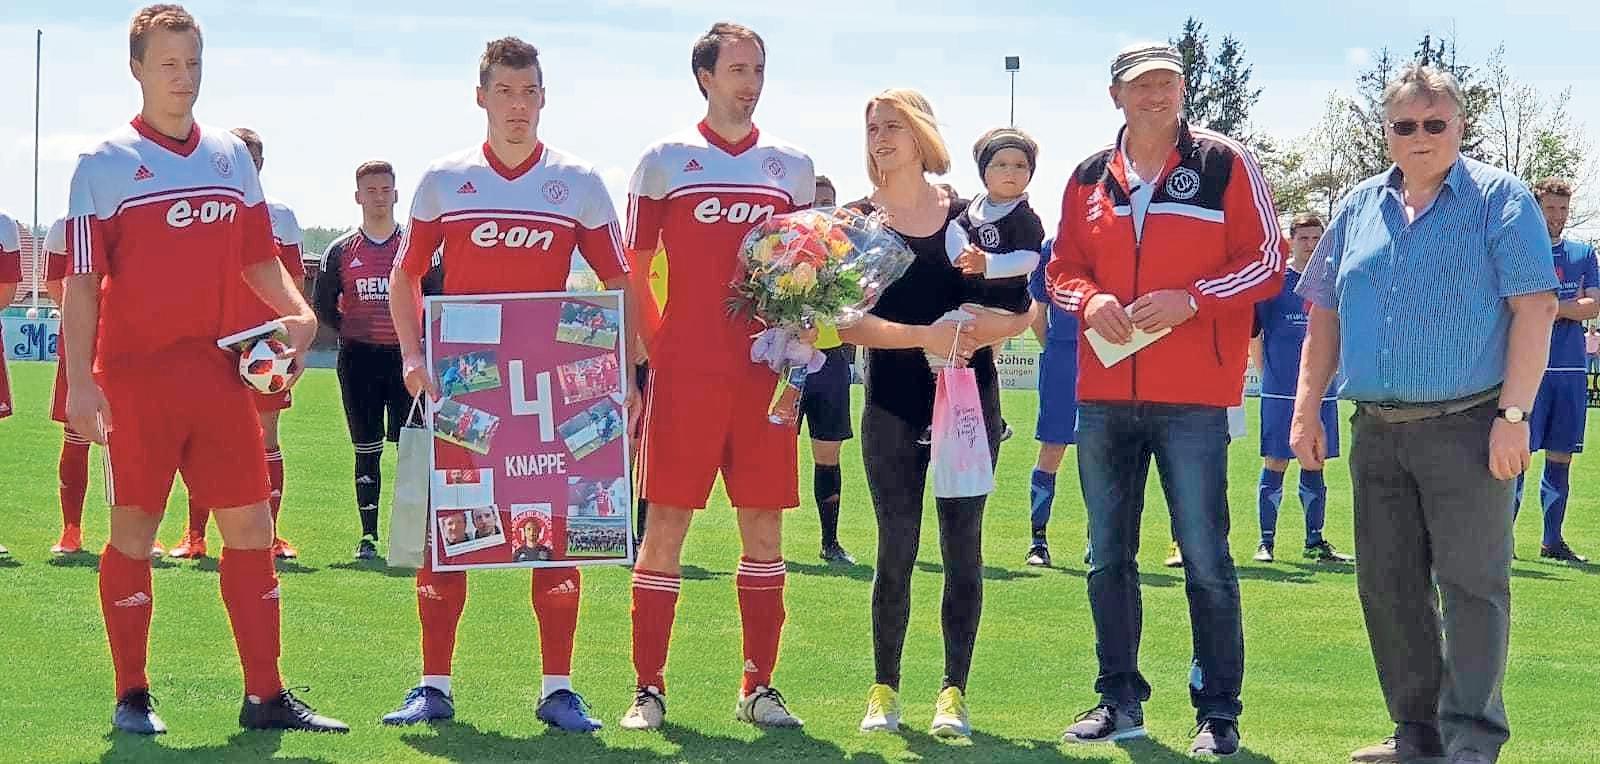 Mit Peter Knappe (Dritter von links) wurde am Ende der letzten Saison eine langjährige Stütze der ersten Mannschaft verabschiedet, der seine Fußballschuhe seit kleinauf für den TSV schnürte. Foto: Christian Porsch